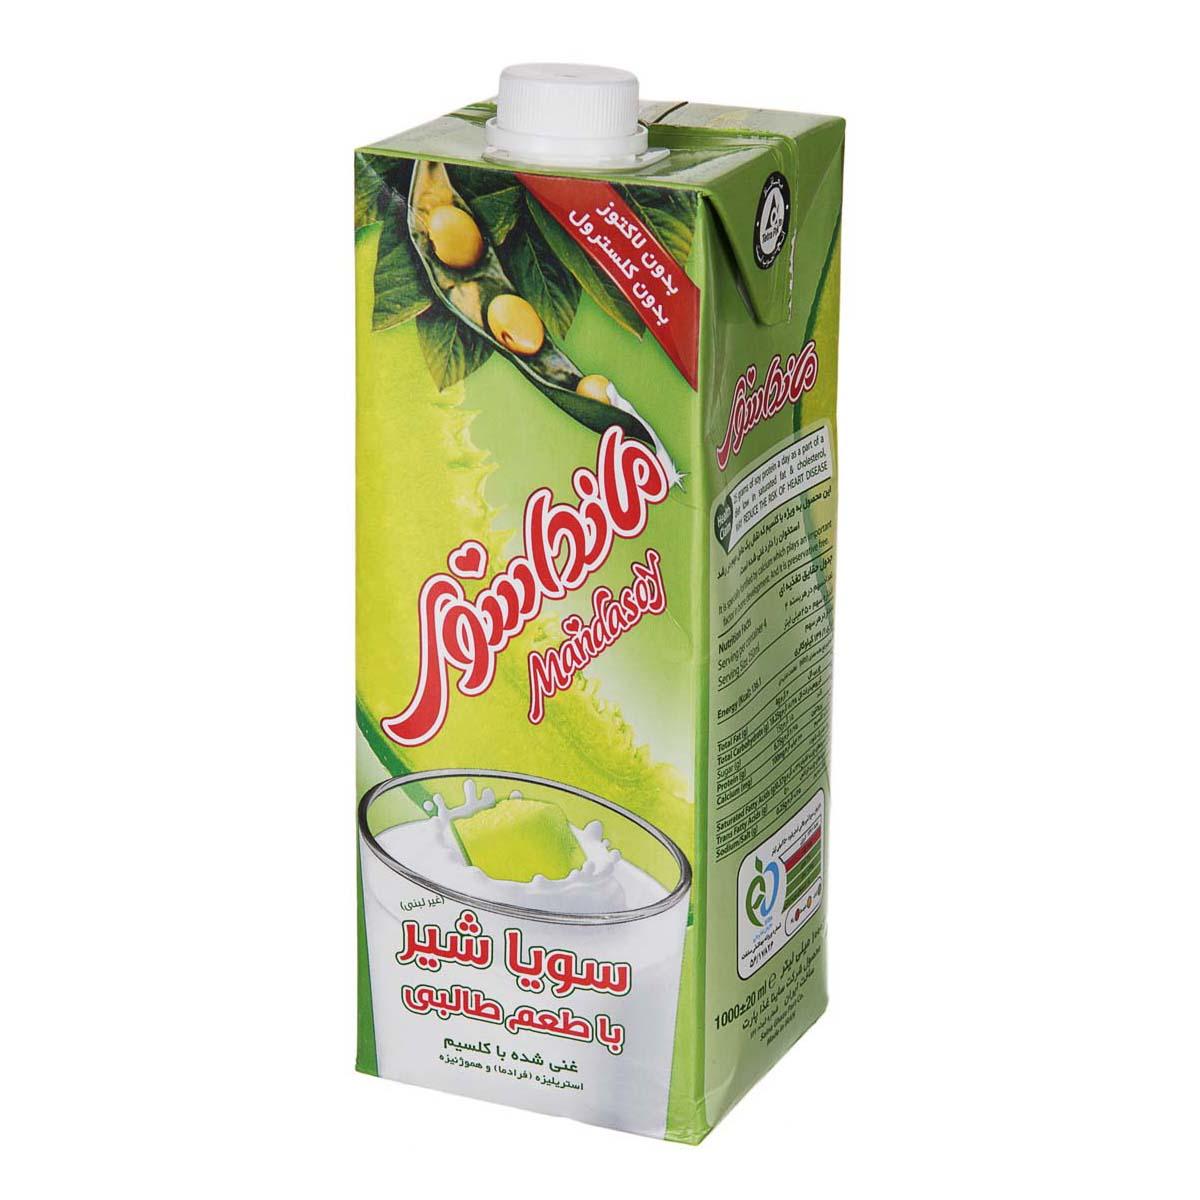 سویا شیر با طعم طالبی مانداسوی حجم ۲۰۰ میلی لیتر